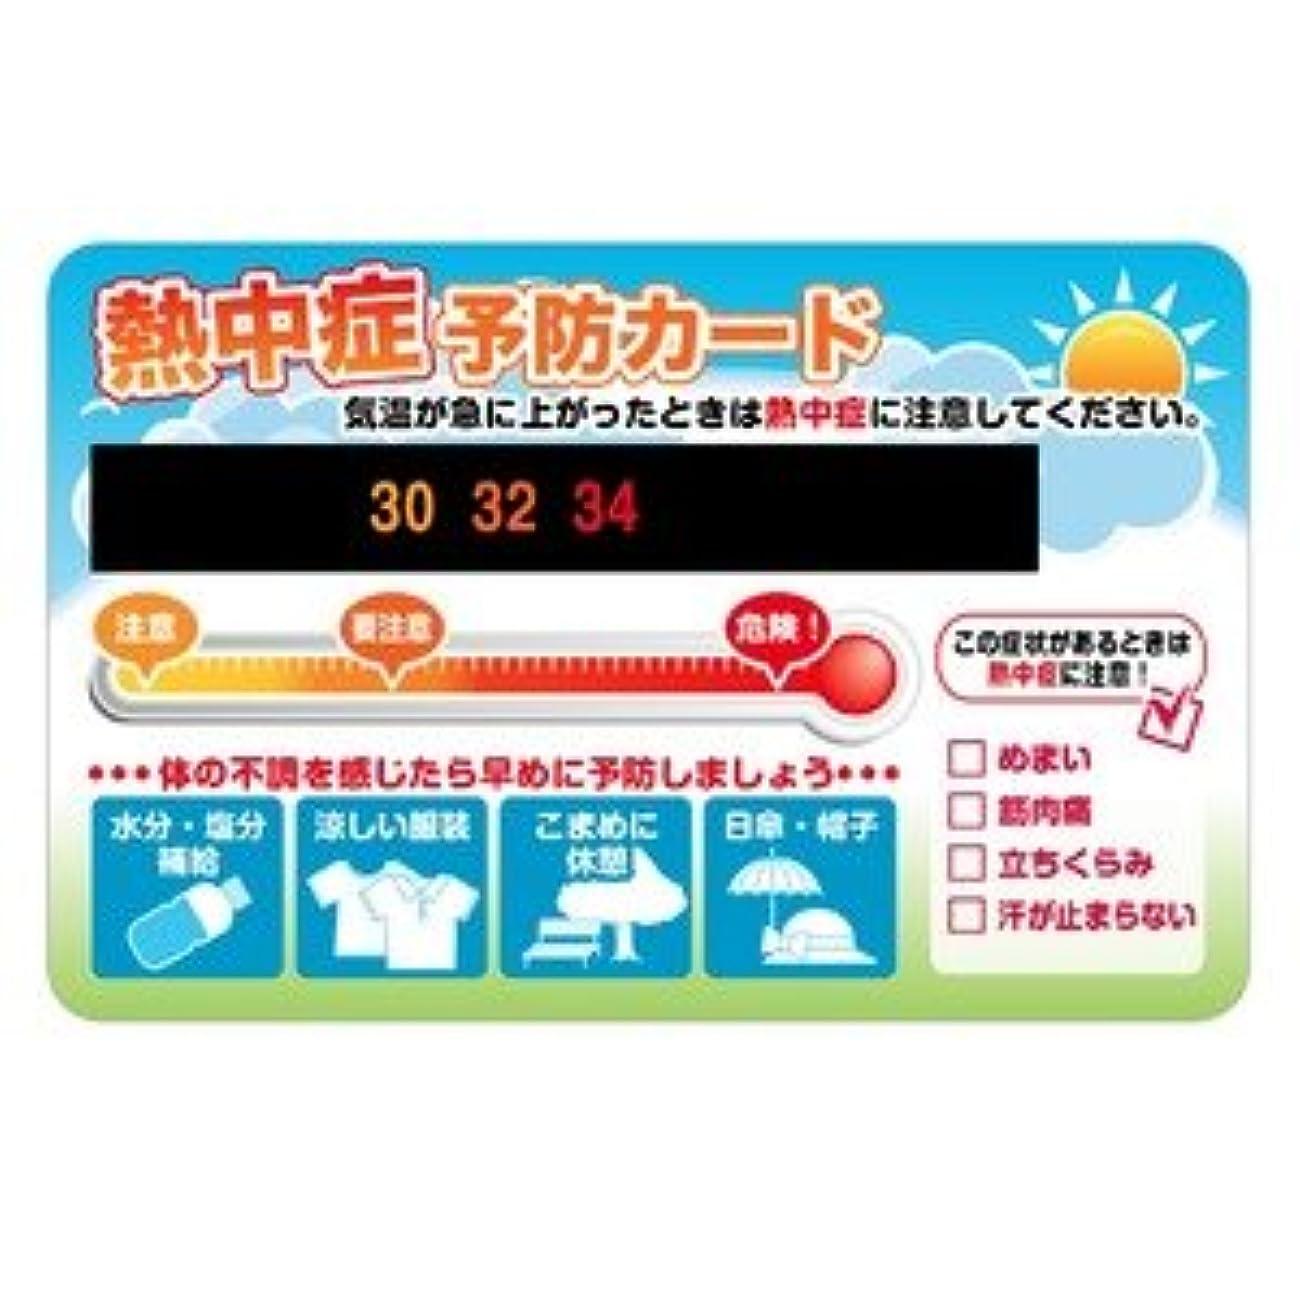 サワー補助金バンケット熱中症予防カード?NE2 【100枚セット】 熱中症対策